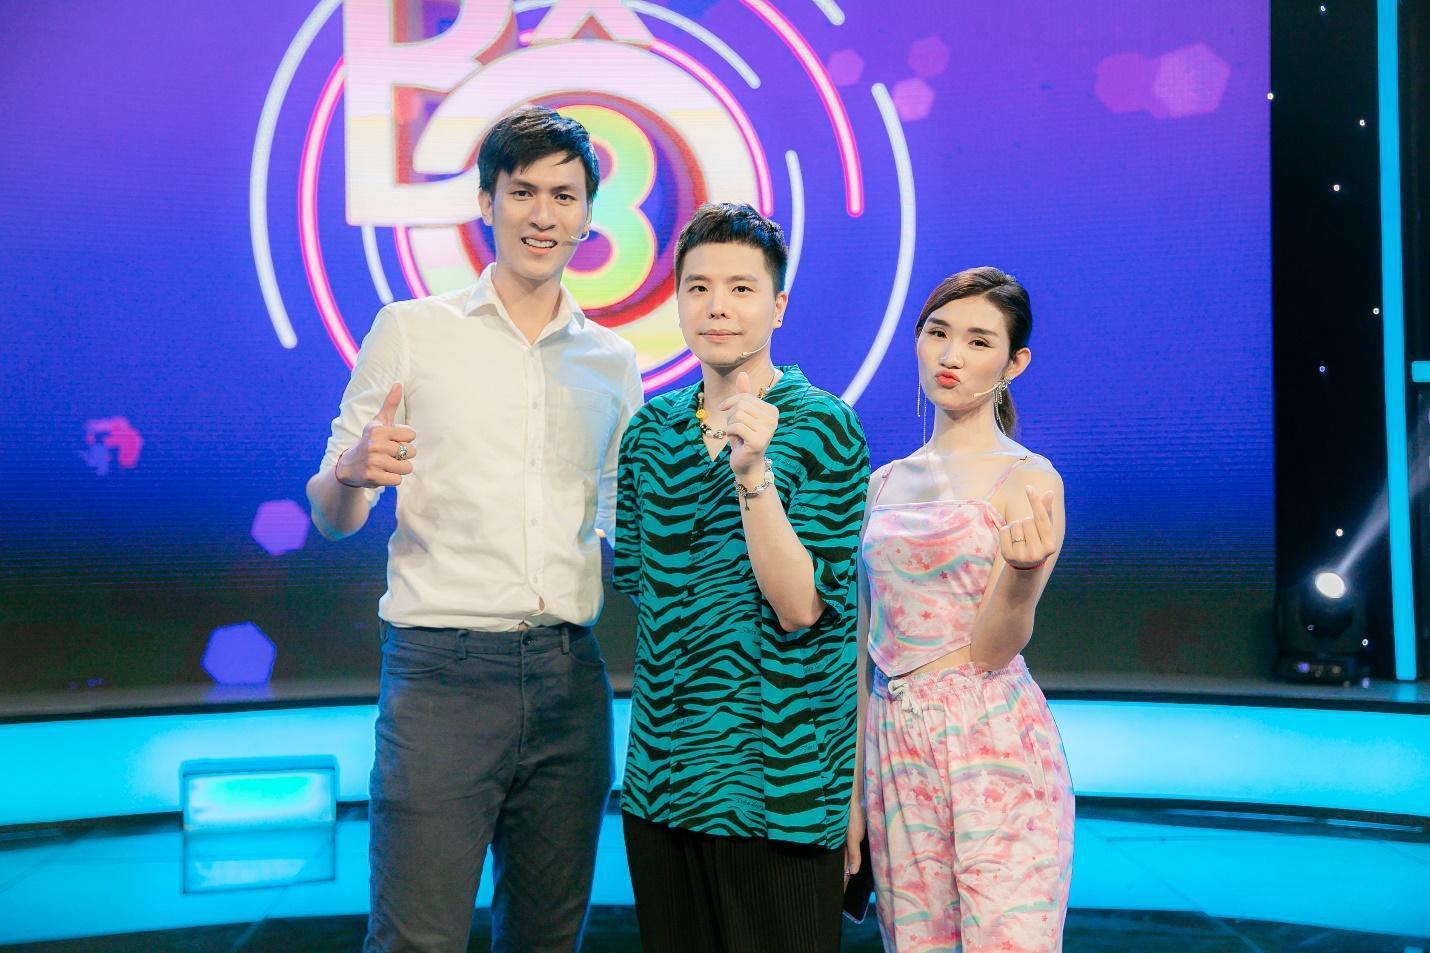 """Chơi ăn gian, Hải Triều bị Trịnh Thăng Bình """"dạy dỗ"""" ngay trên sóng truyền hình - Ảnh 2."""